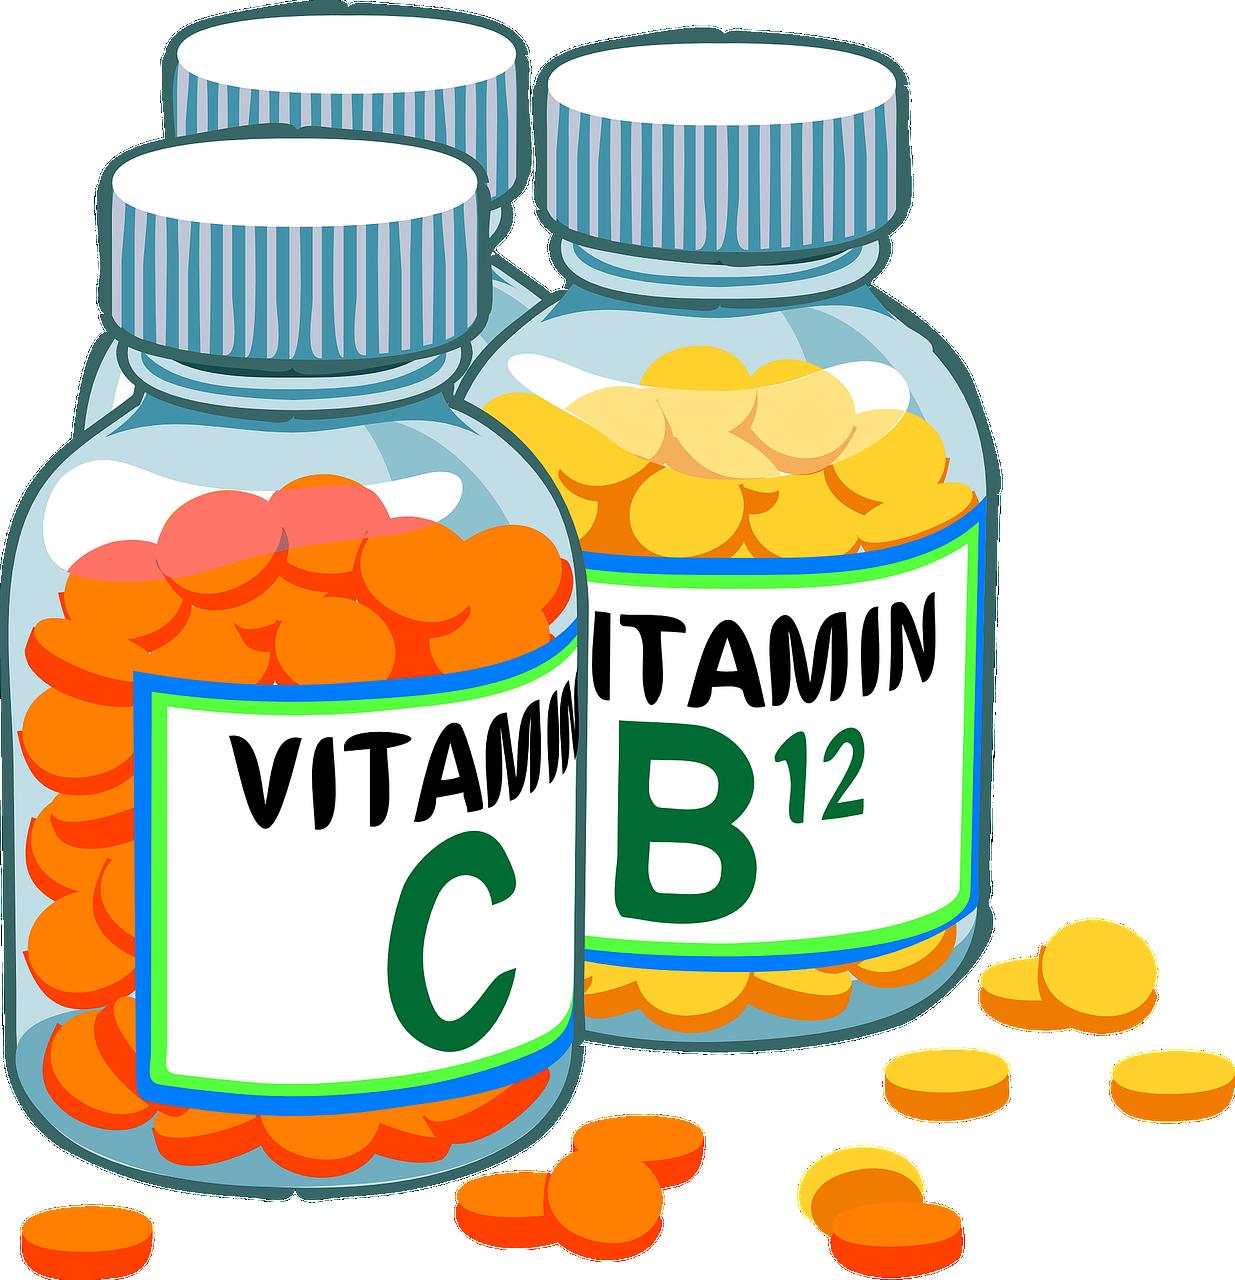 Vitmain Deficiency